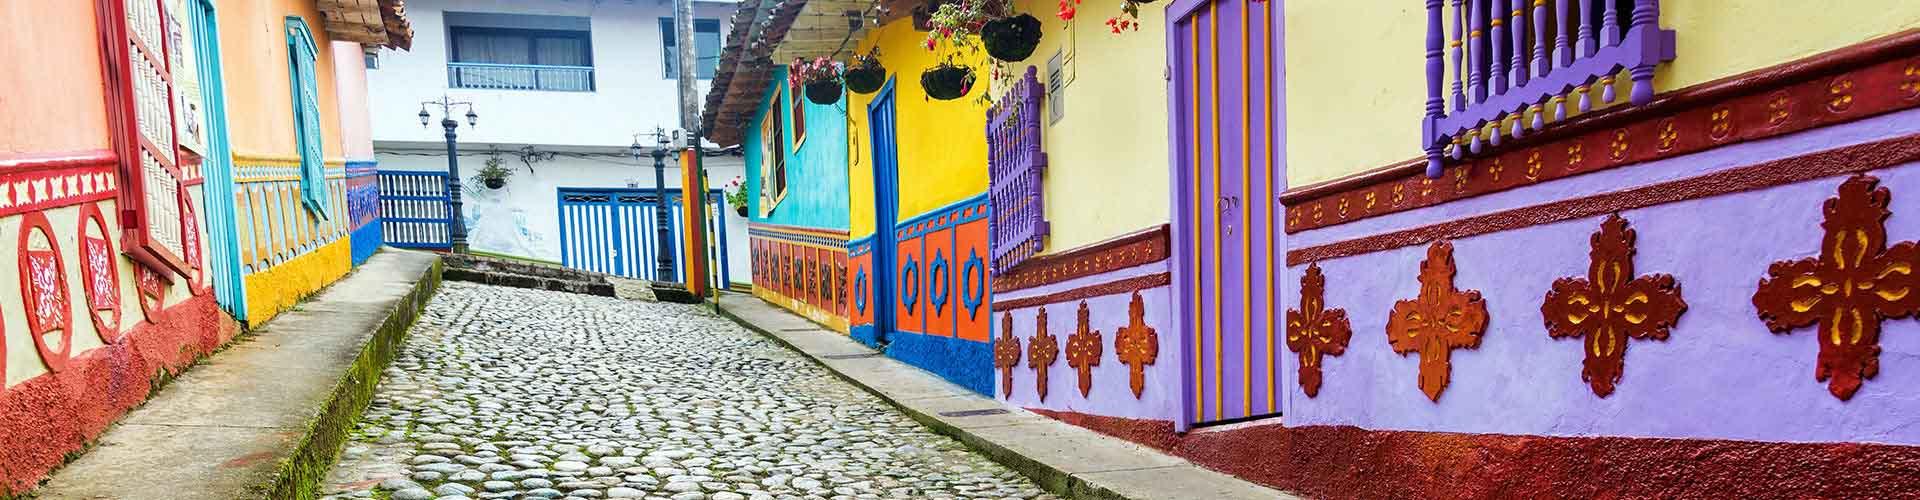 Medellin – Albergues em Medellin. Mapas para Medellin, Fotos e Avaliações para cada Albergue em Medellin.